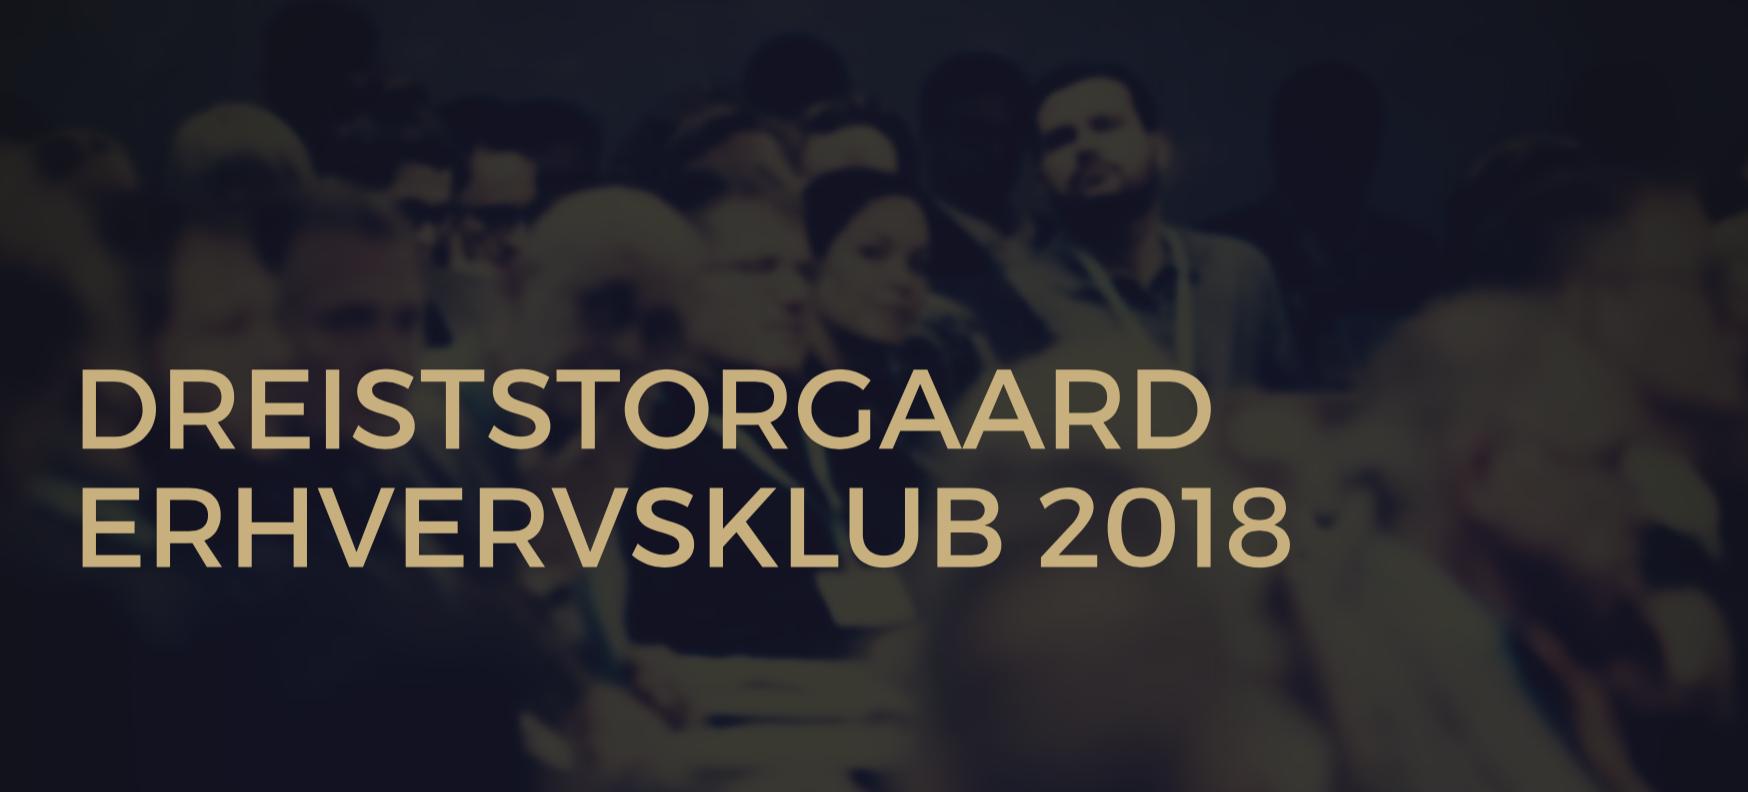 DreistStorgaard Erhvervsklub 2018